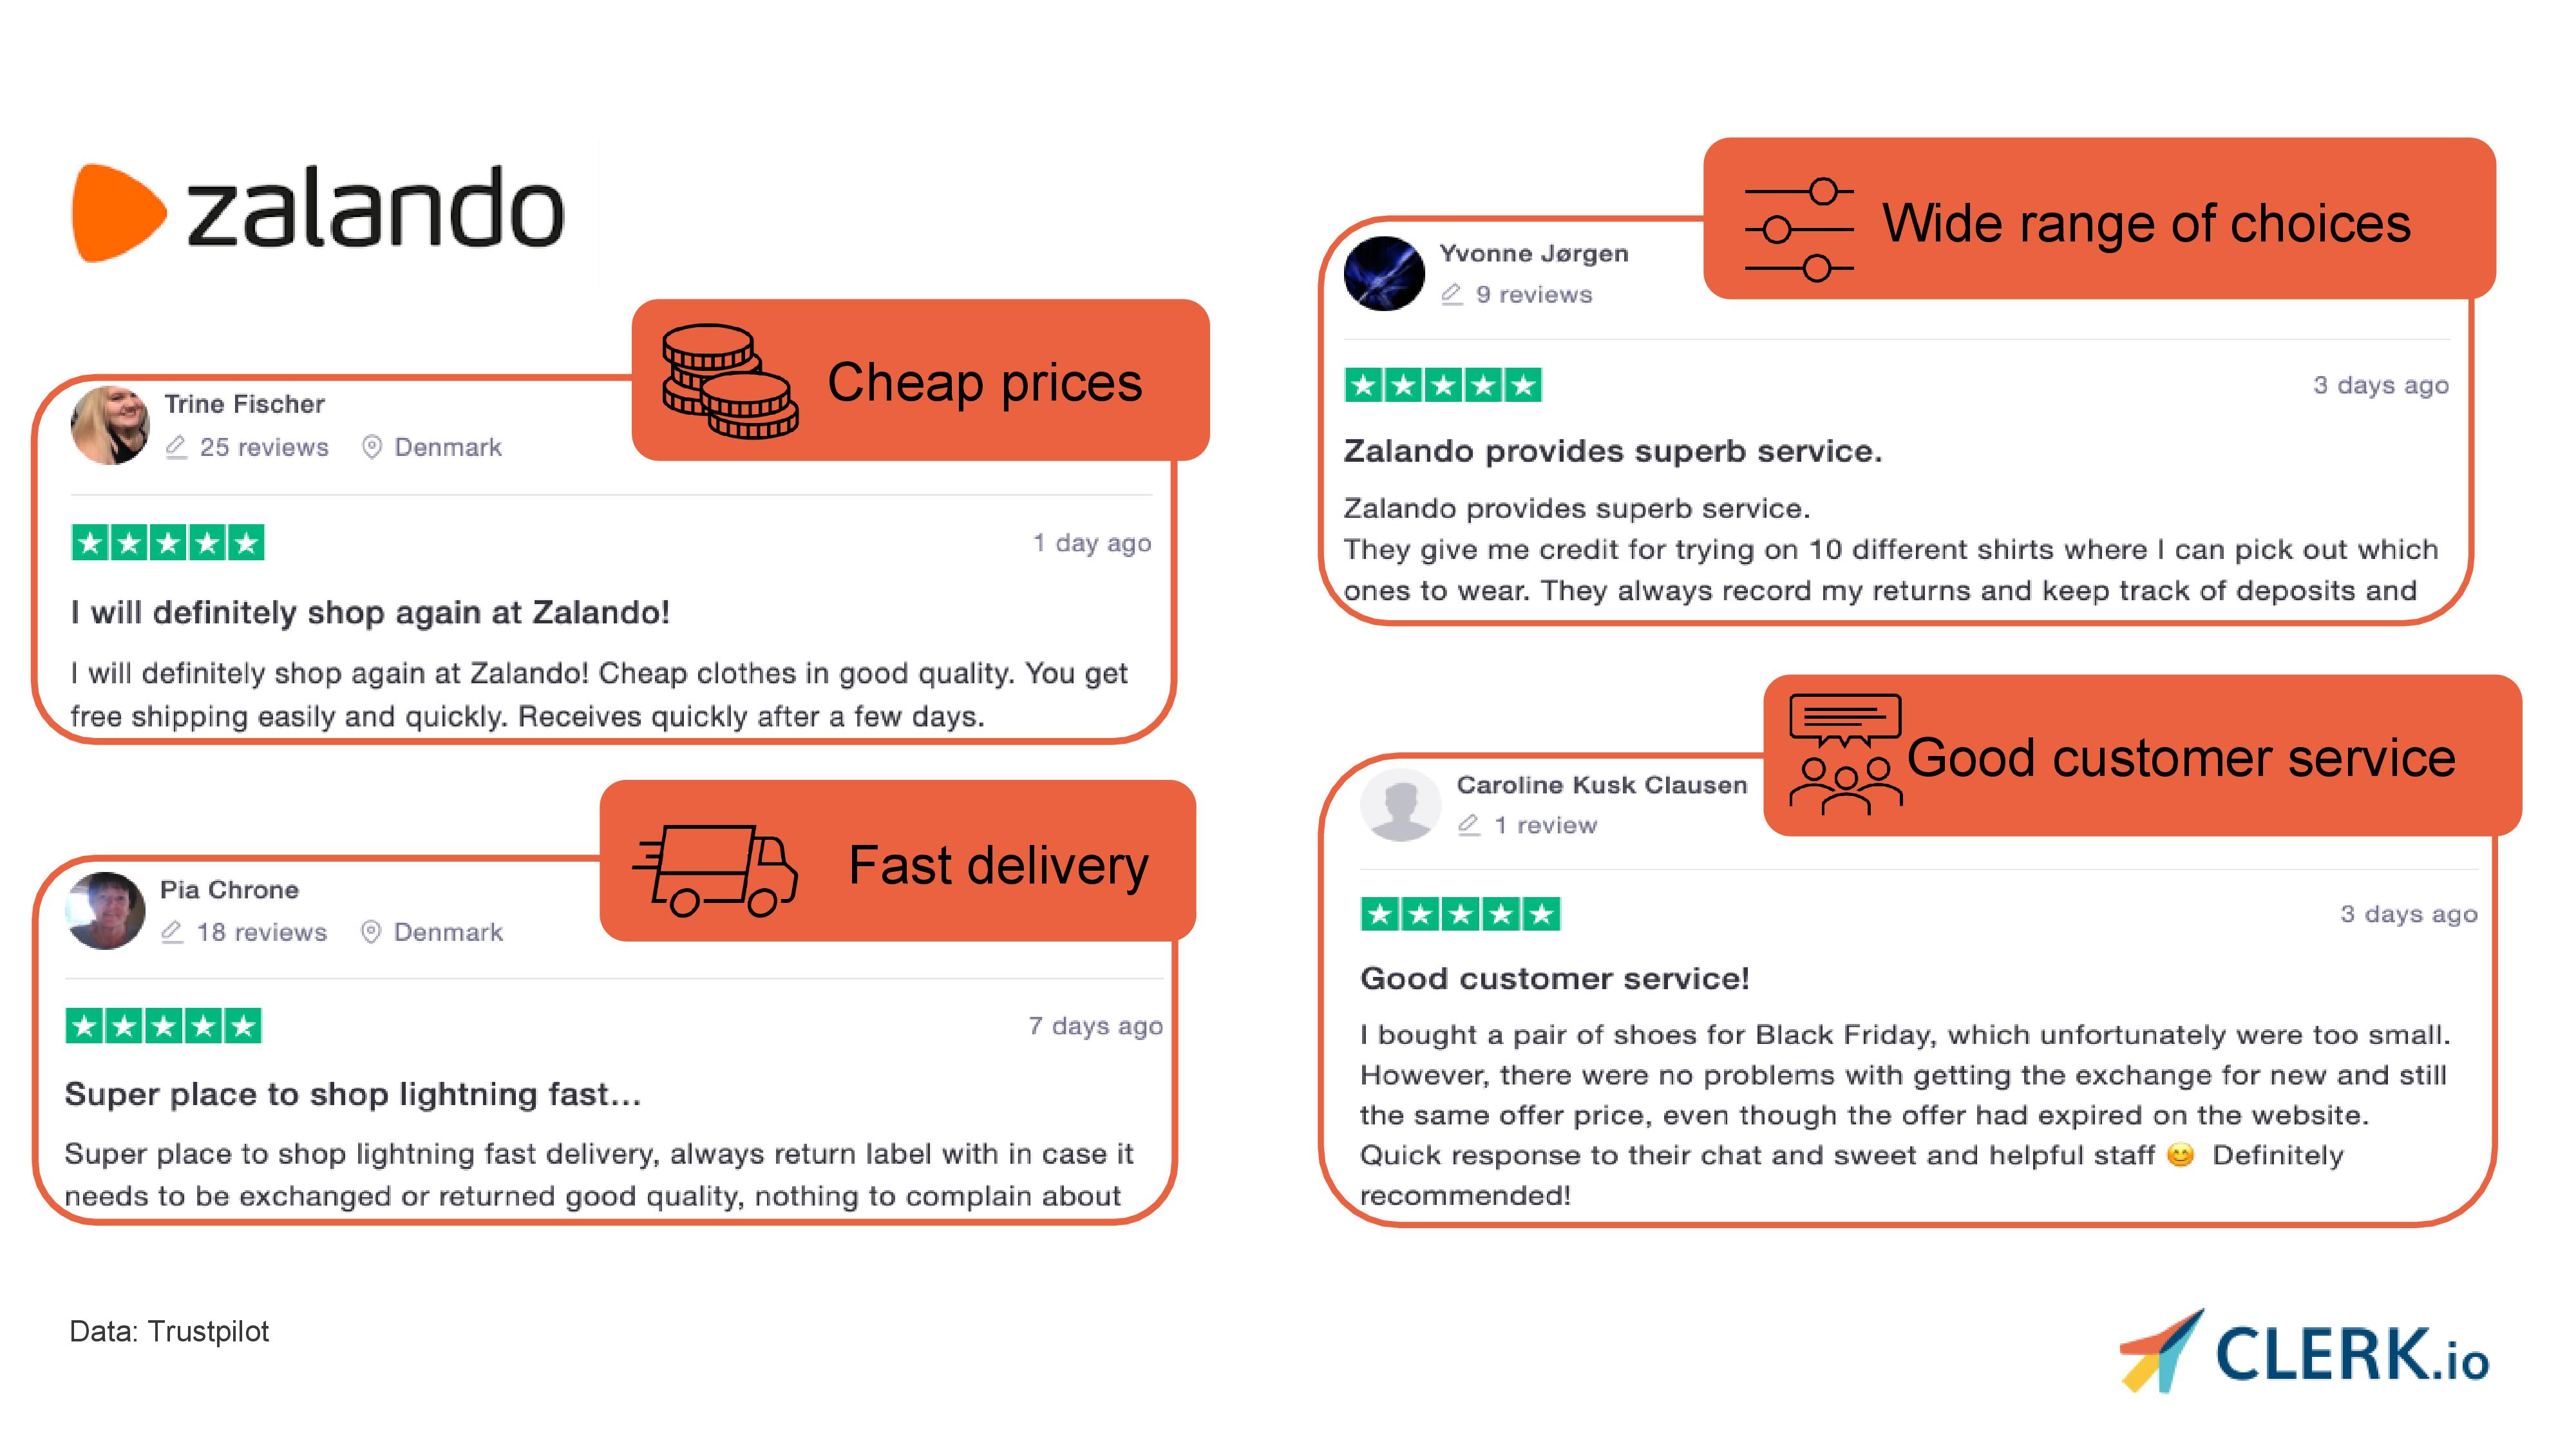 Zalando trustpilot reviews